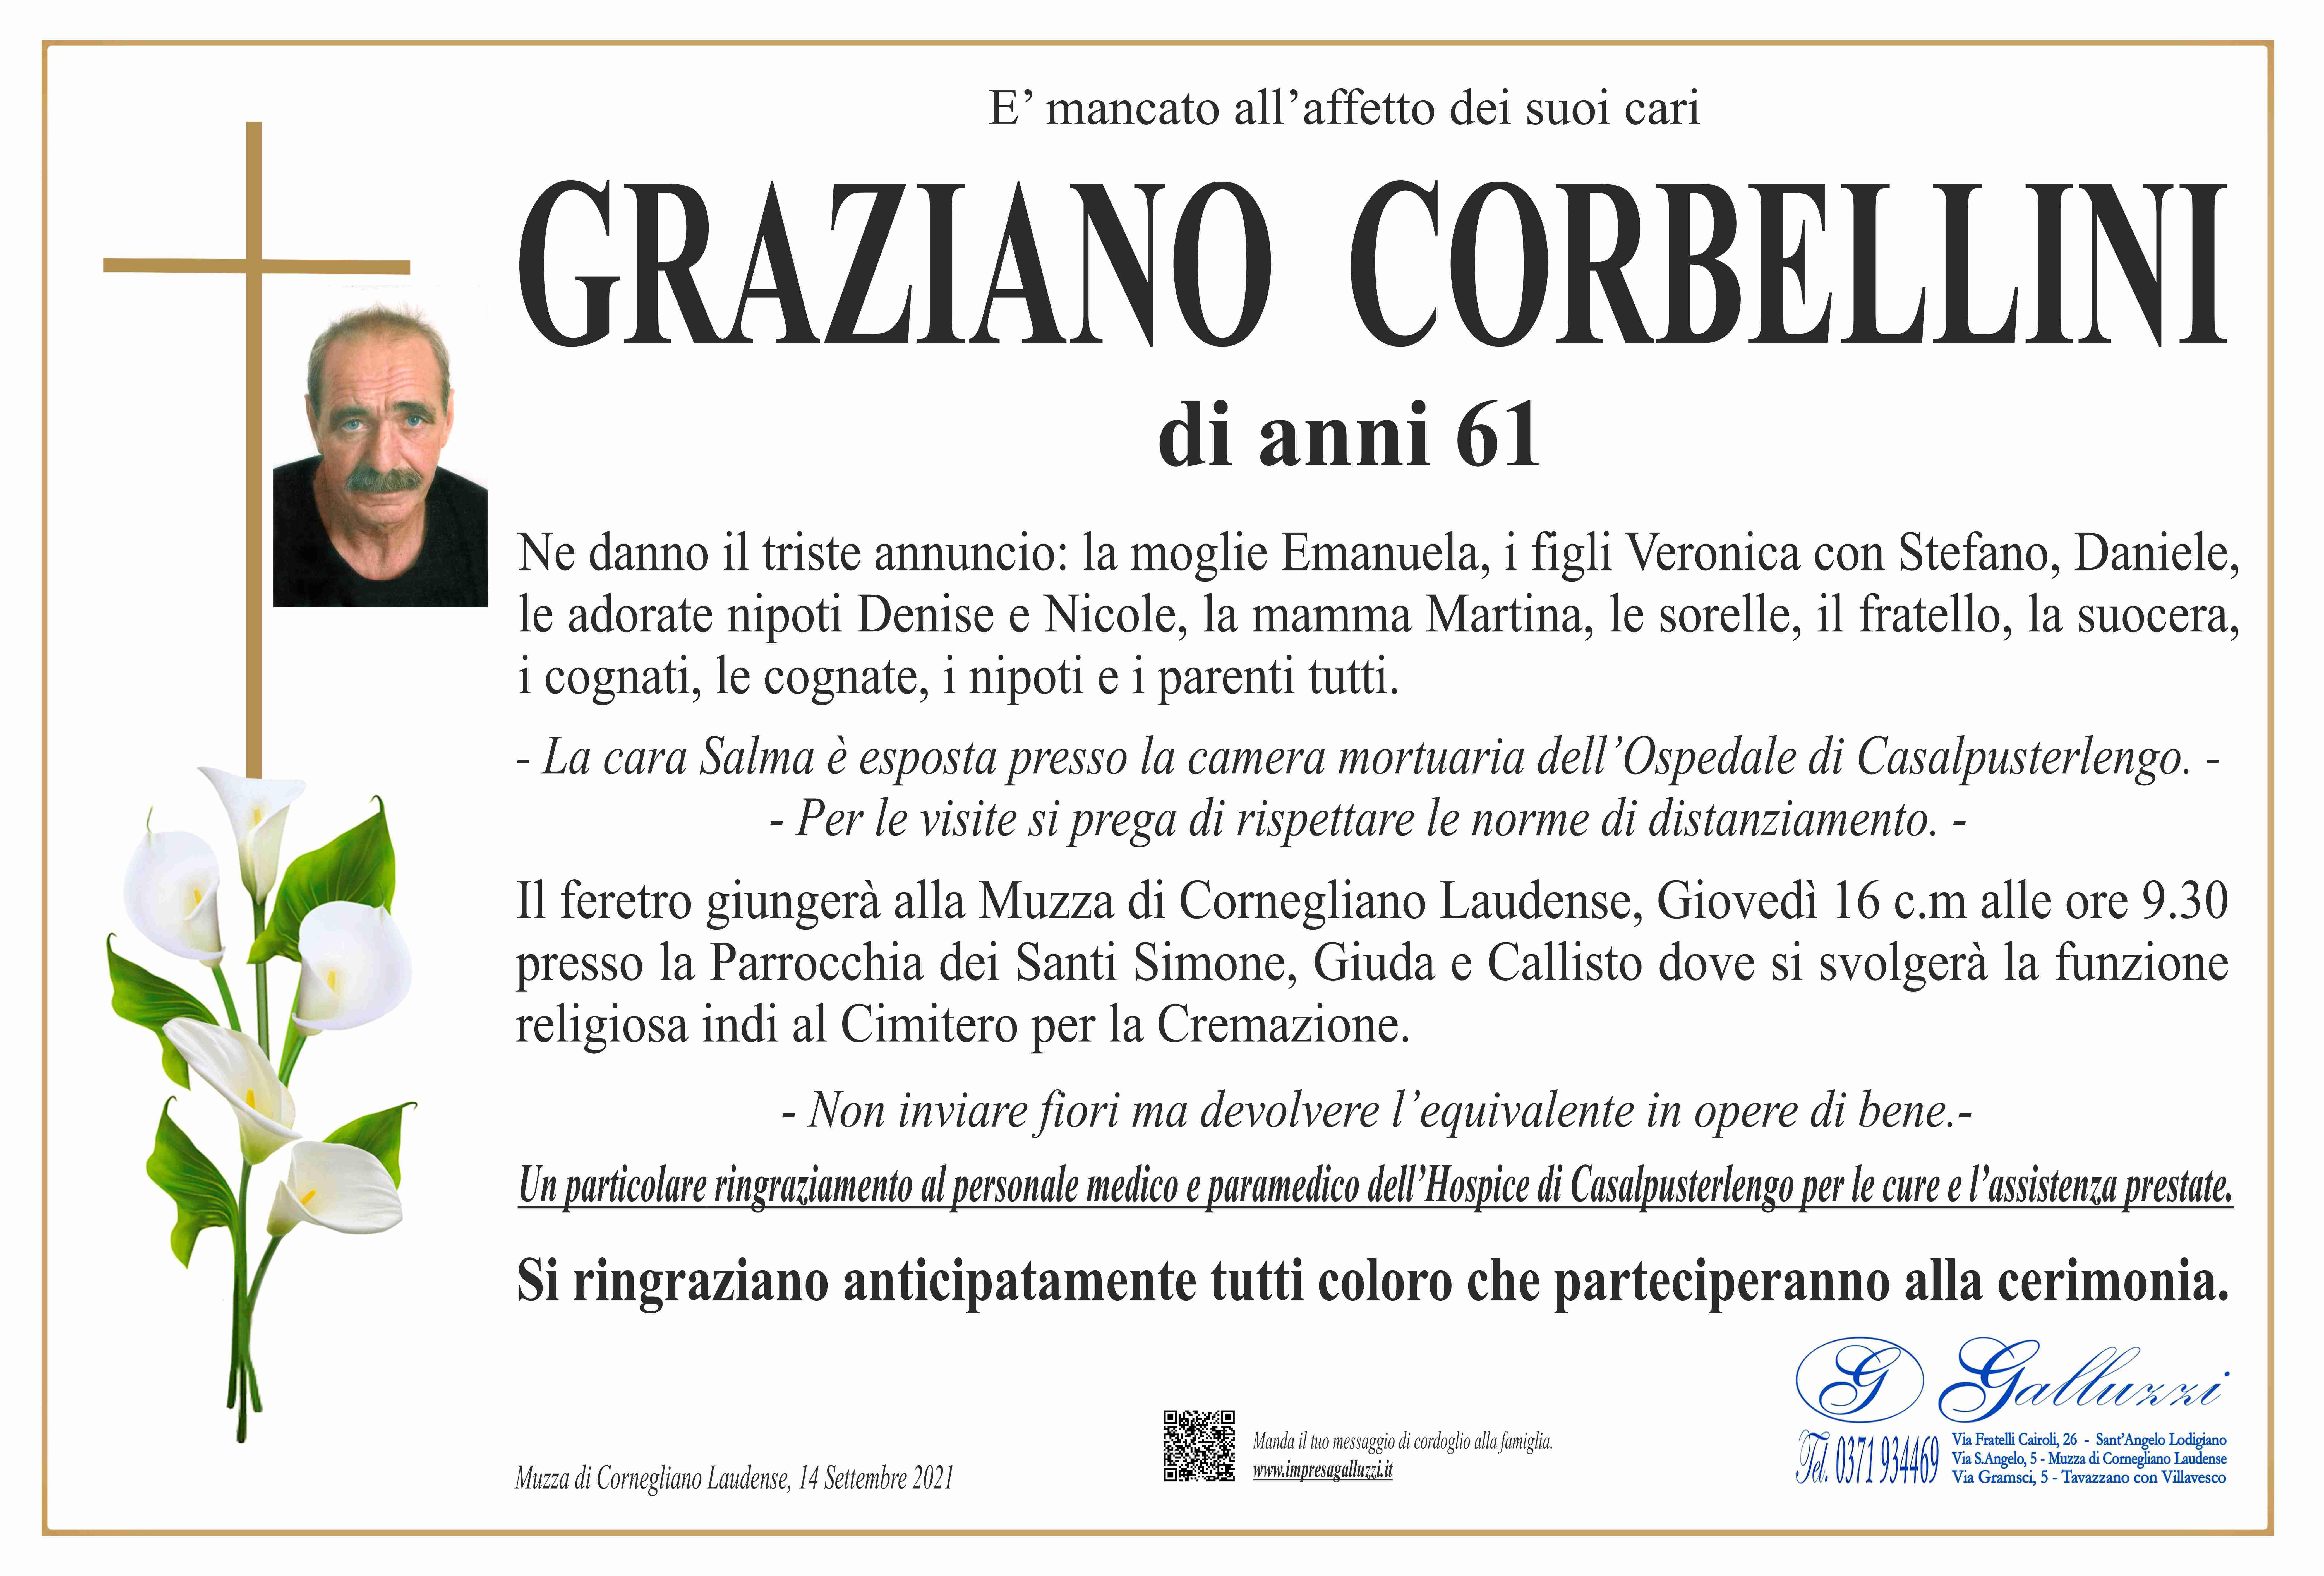 Graziano Corbellini